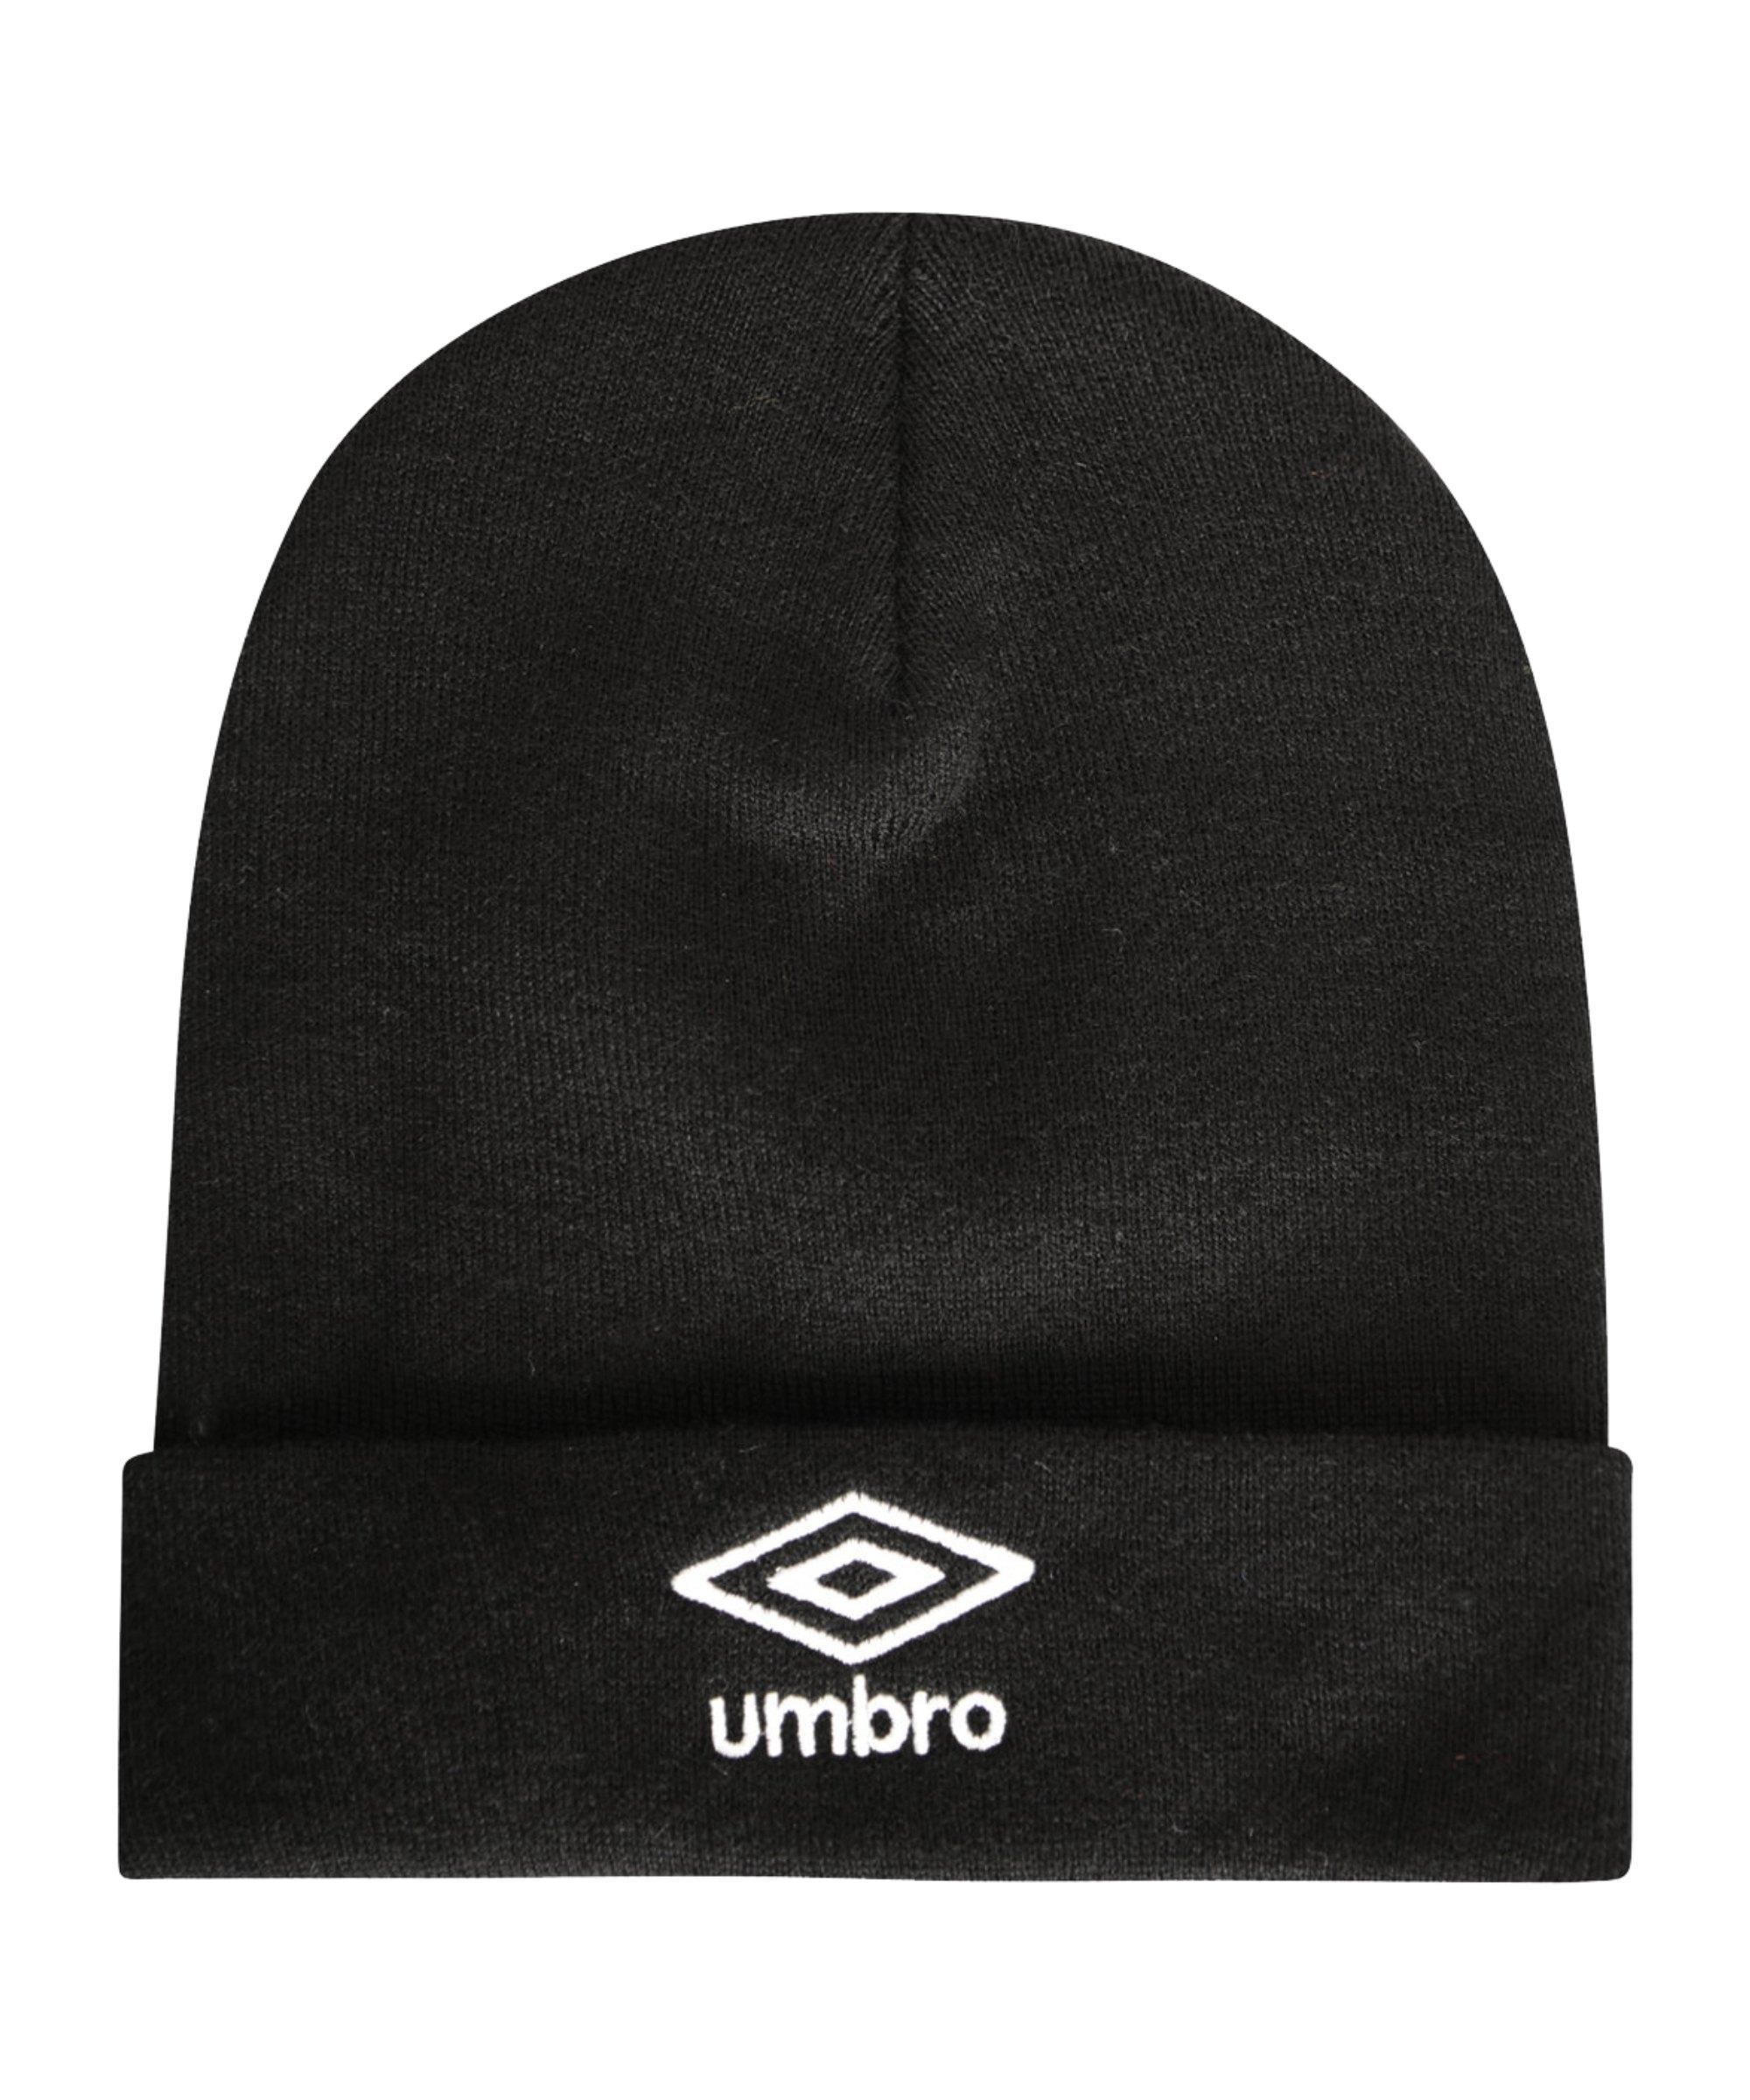 Umbro Ski Mütze Schwarz F090 - schwarz